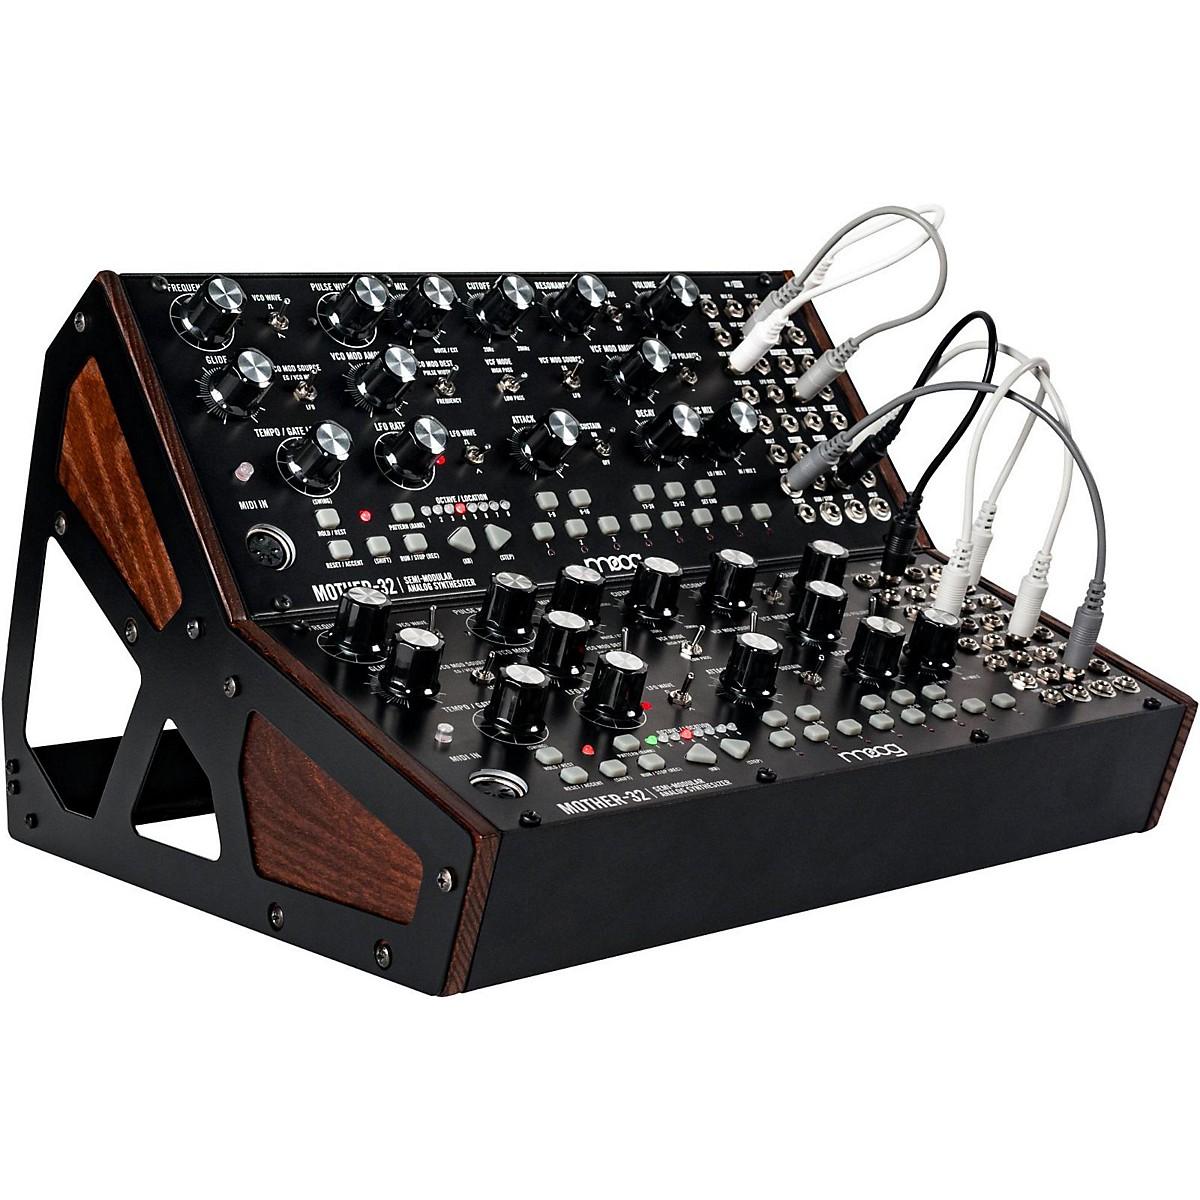 Moog 2-Tier Rack Kit